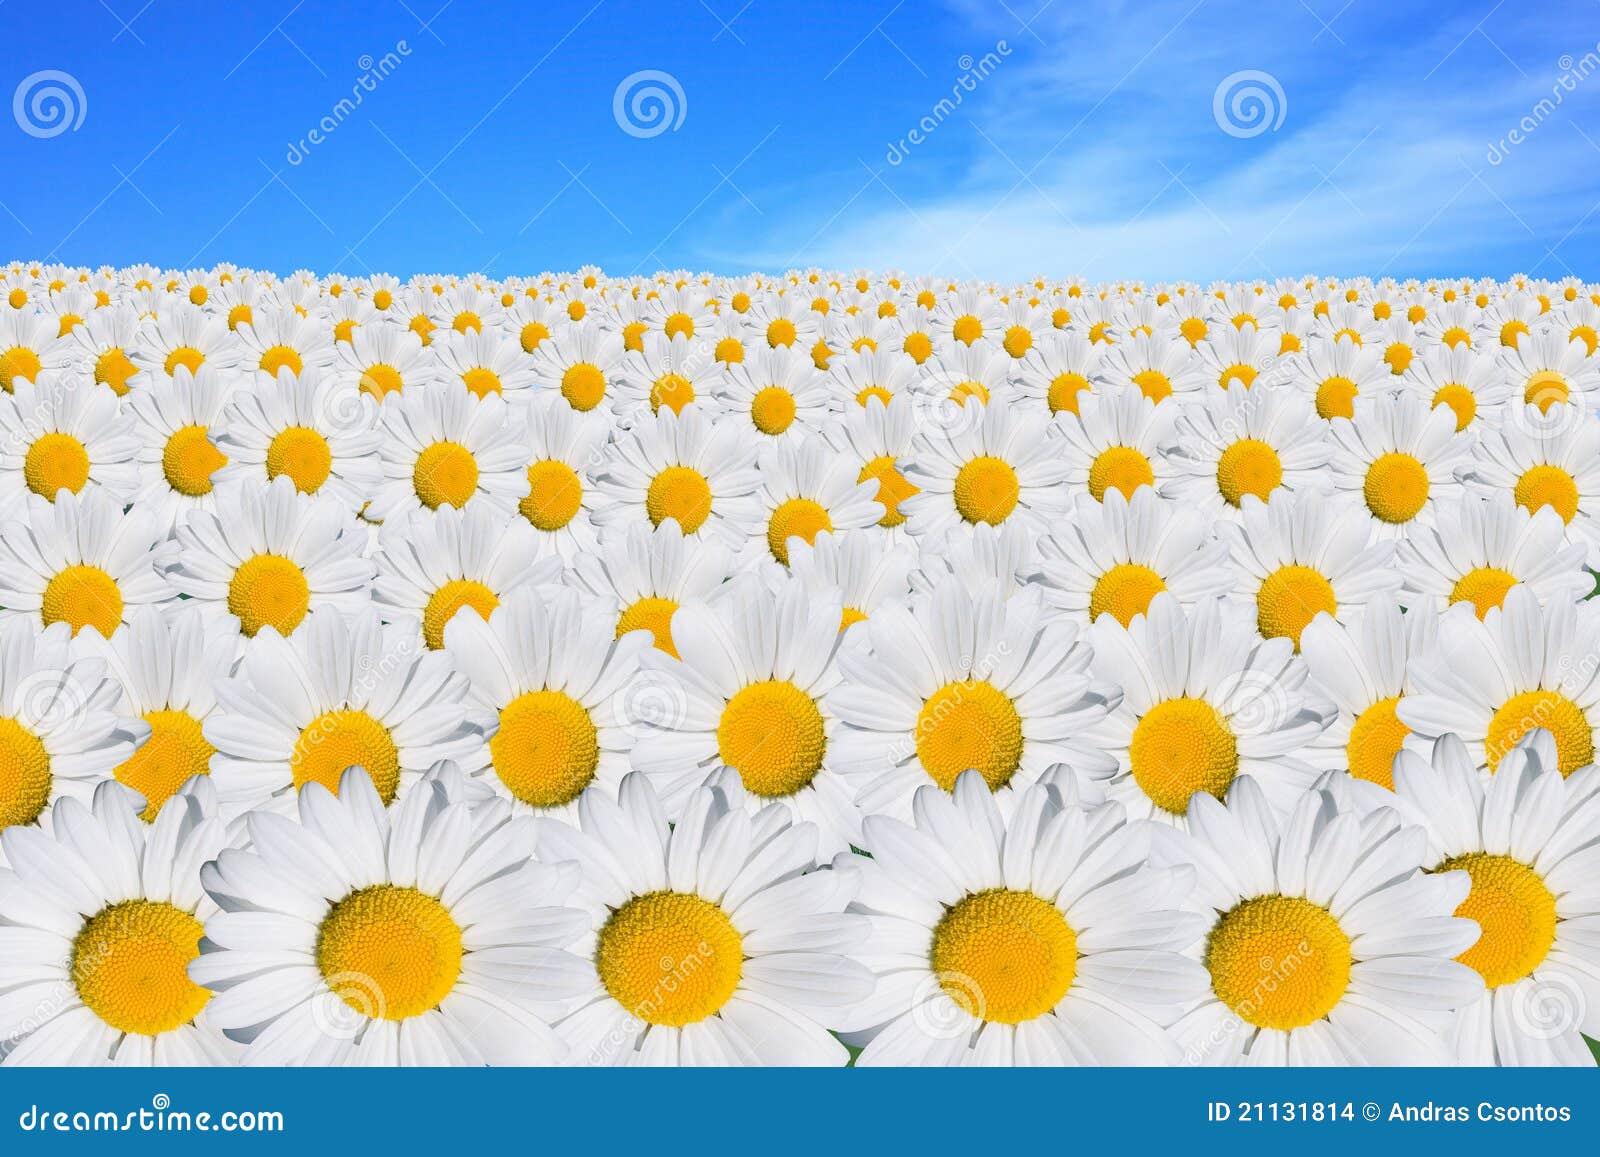 daisy field mountain sky - photo #31